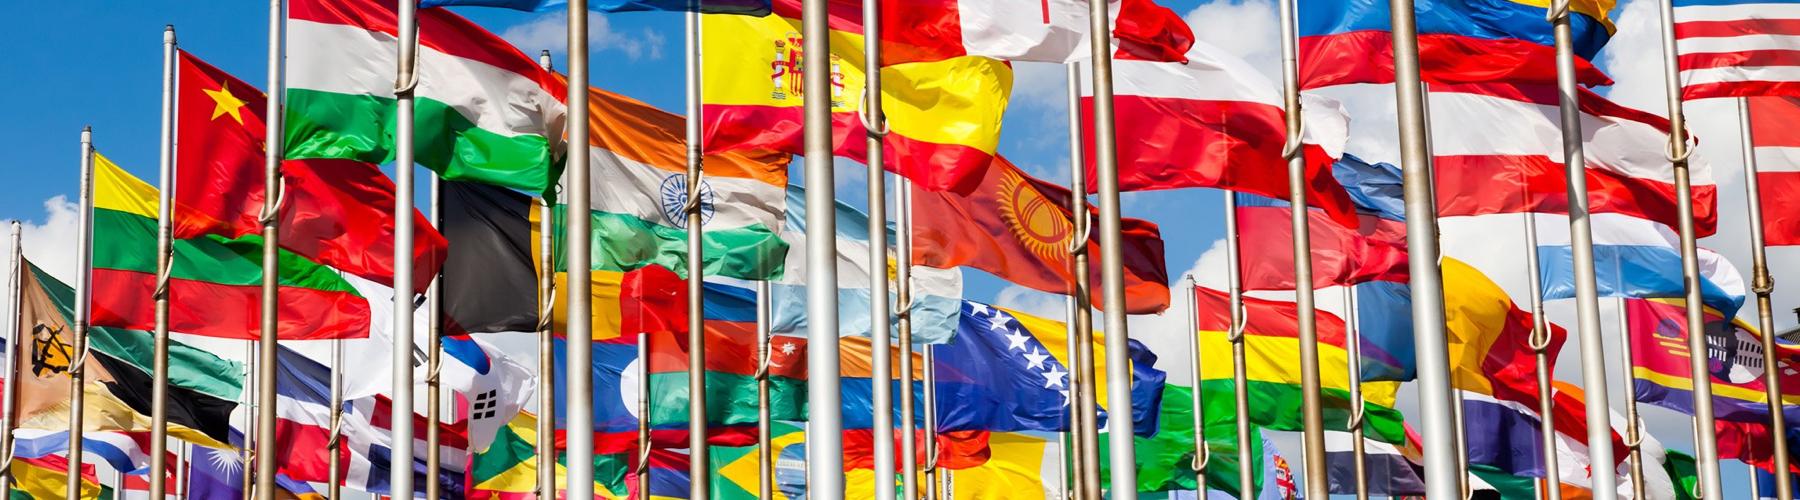 ¿Qué Banderas de Países Tienen el Mejor Diseño?